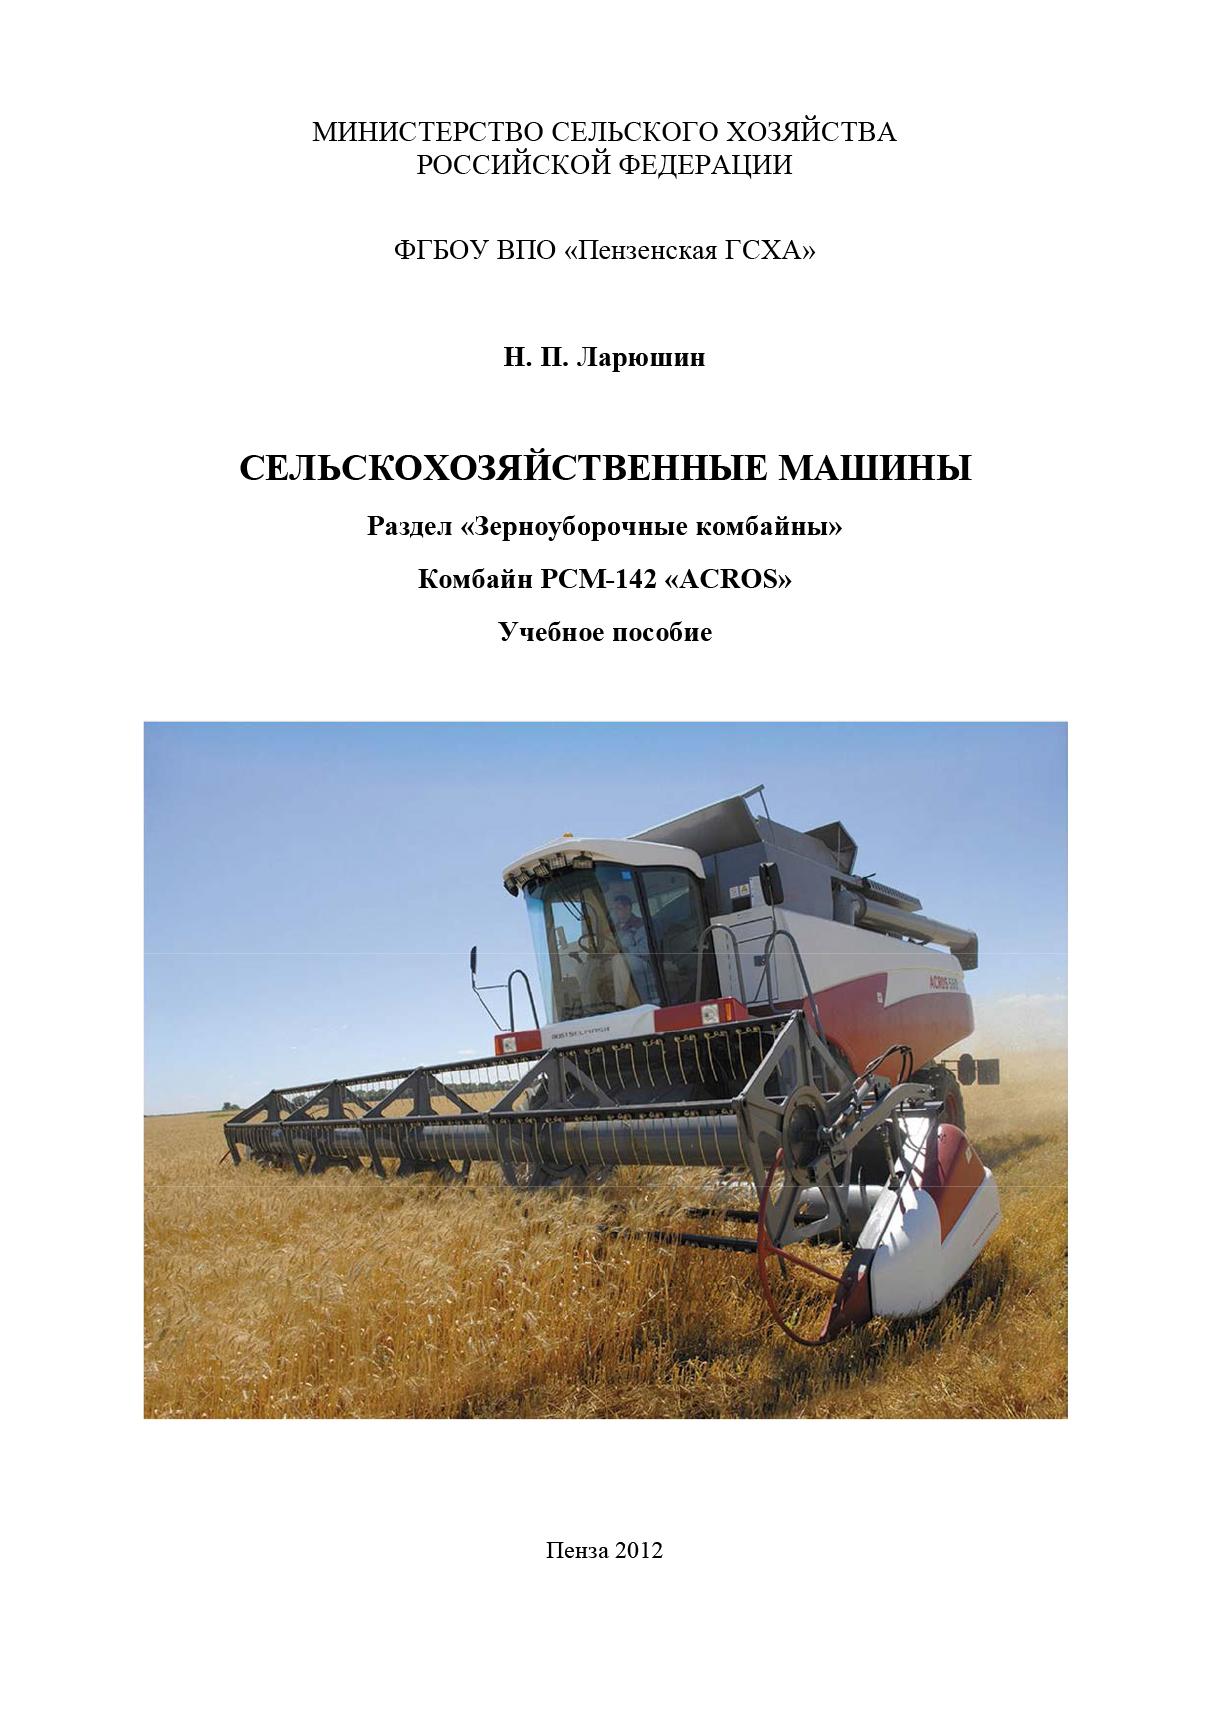 Н. П. Ларюшин Сельскохозяйственные машины. Раздел «Зерноуборочные комбайны». Комбайн «ACROS»